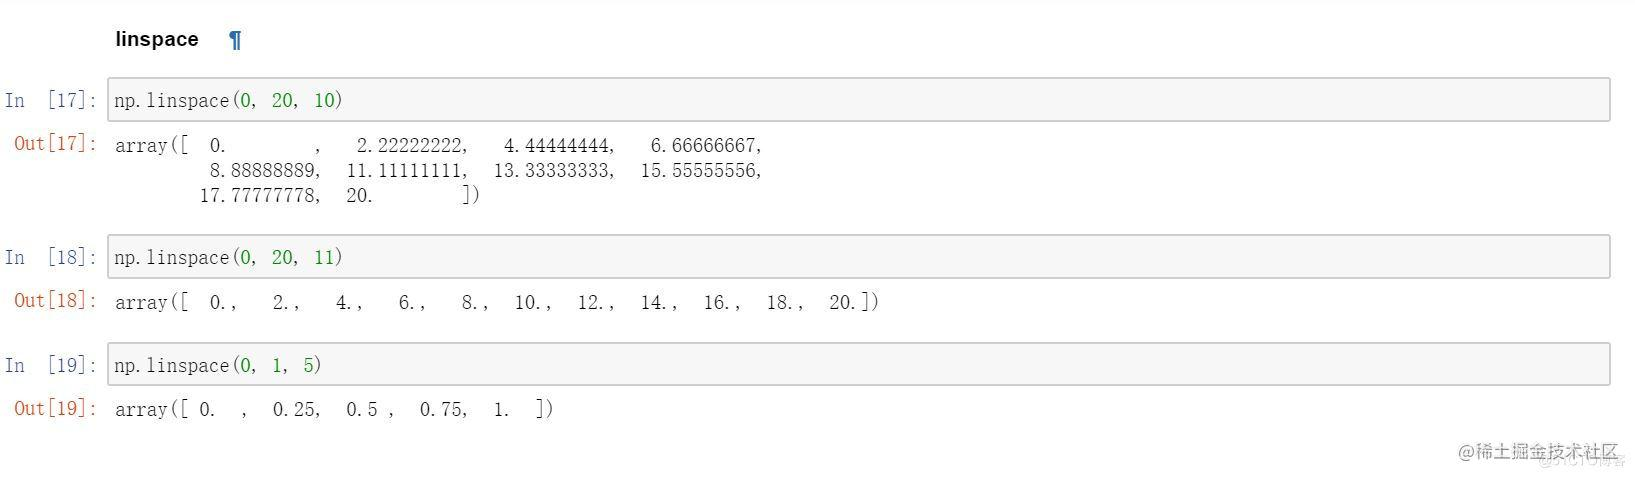 在一定范围内生成有限的数值.JPG